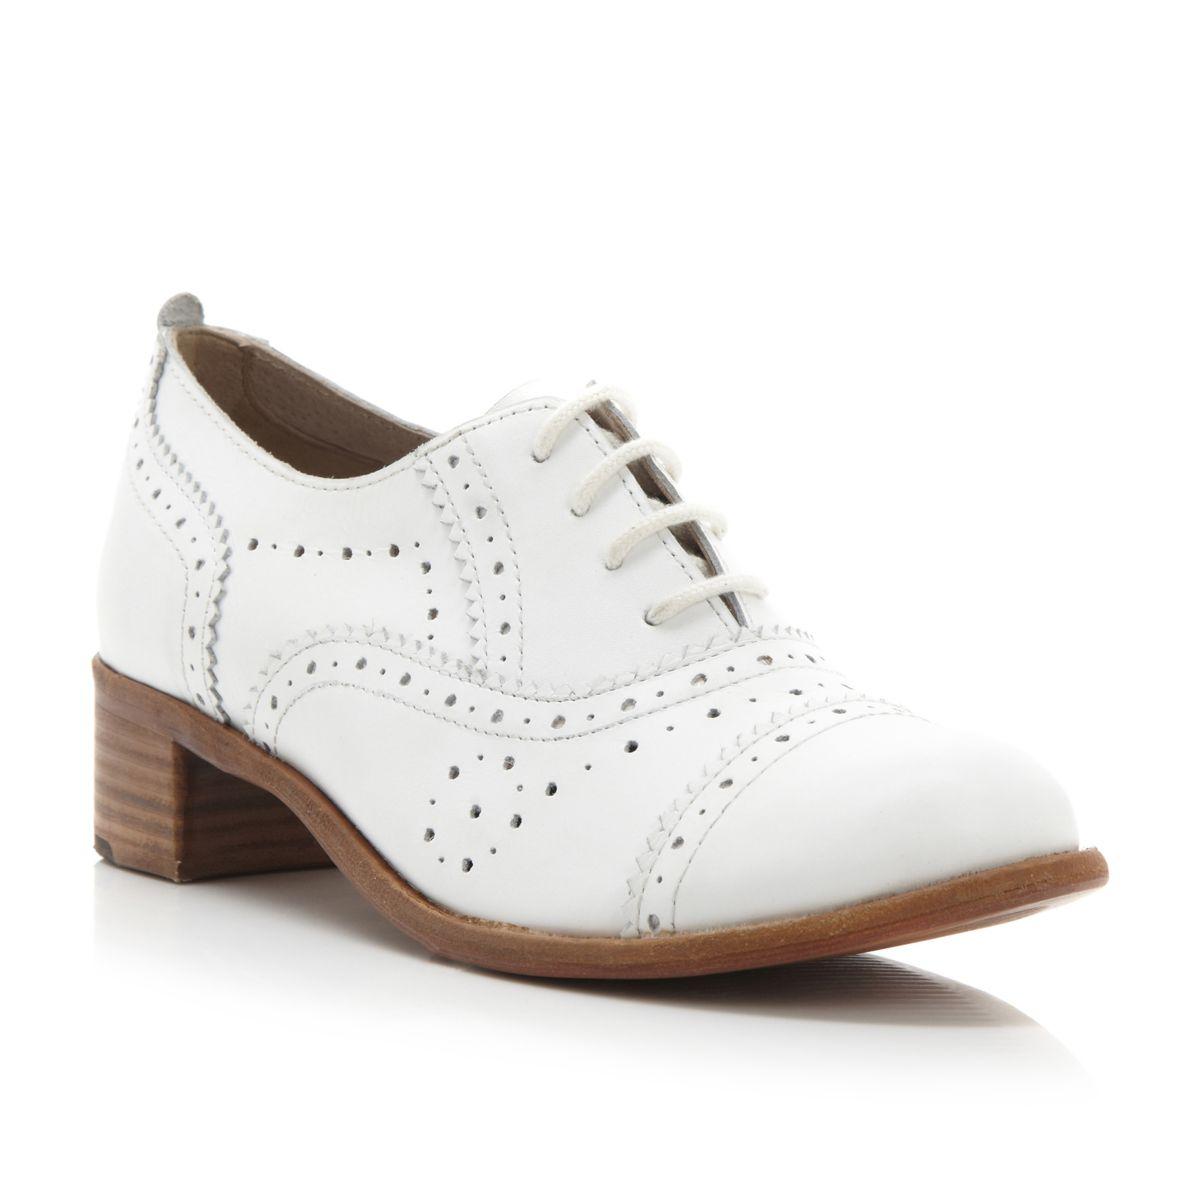 Mens Resin Material Shoe